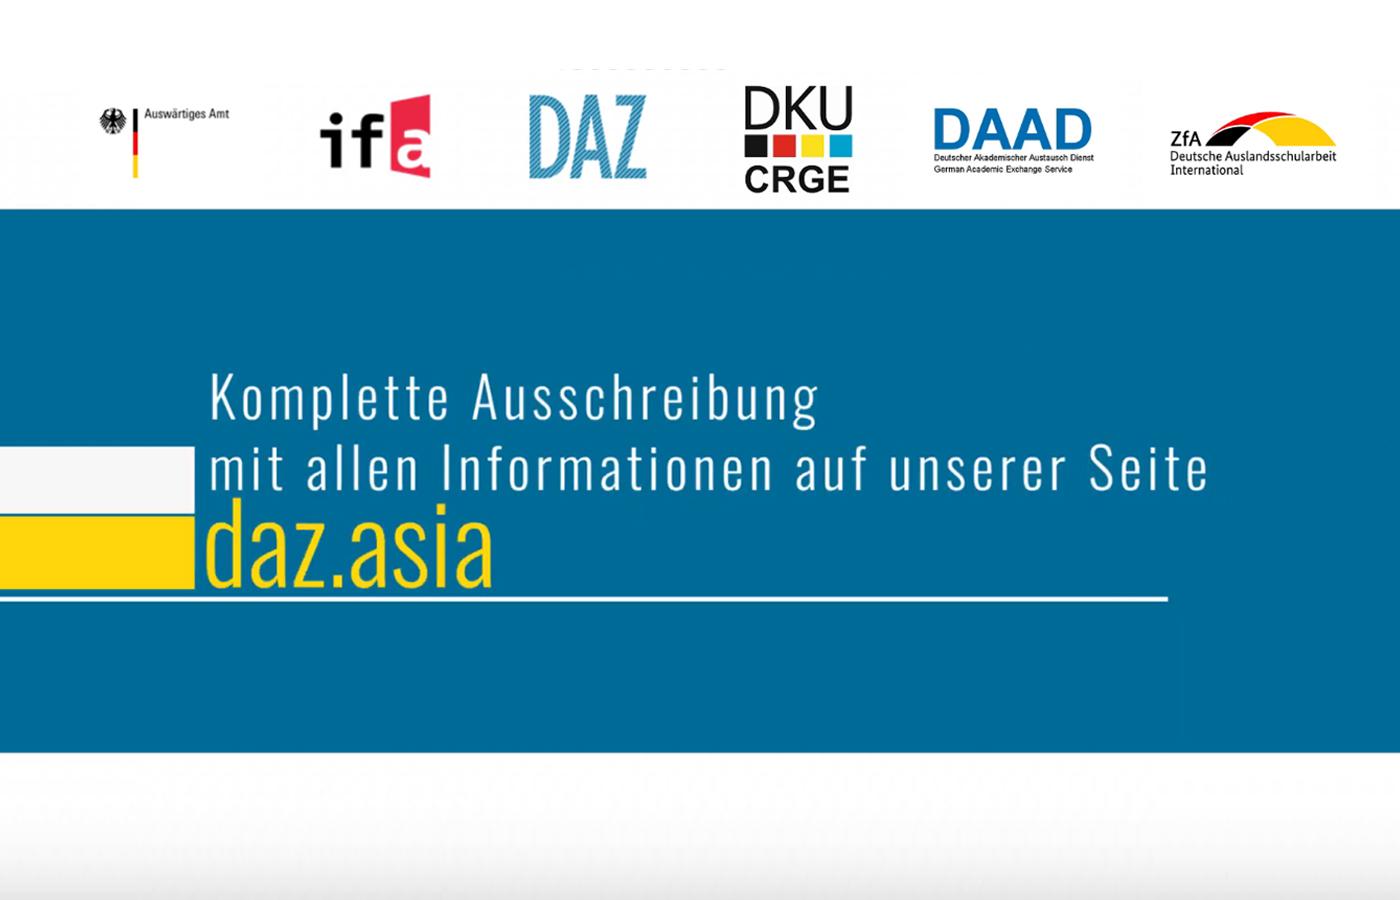 """СМОТРИТЕ ВИДЕО: Schreib- und Videowettbewerb """"Nachhaltiges Zentralasien""""!"""